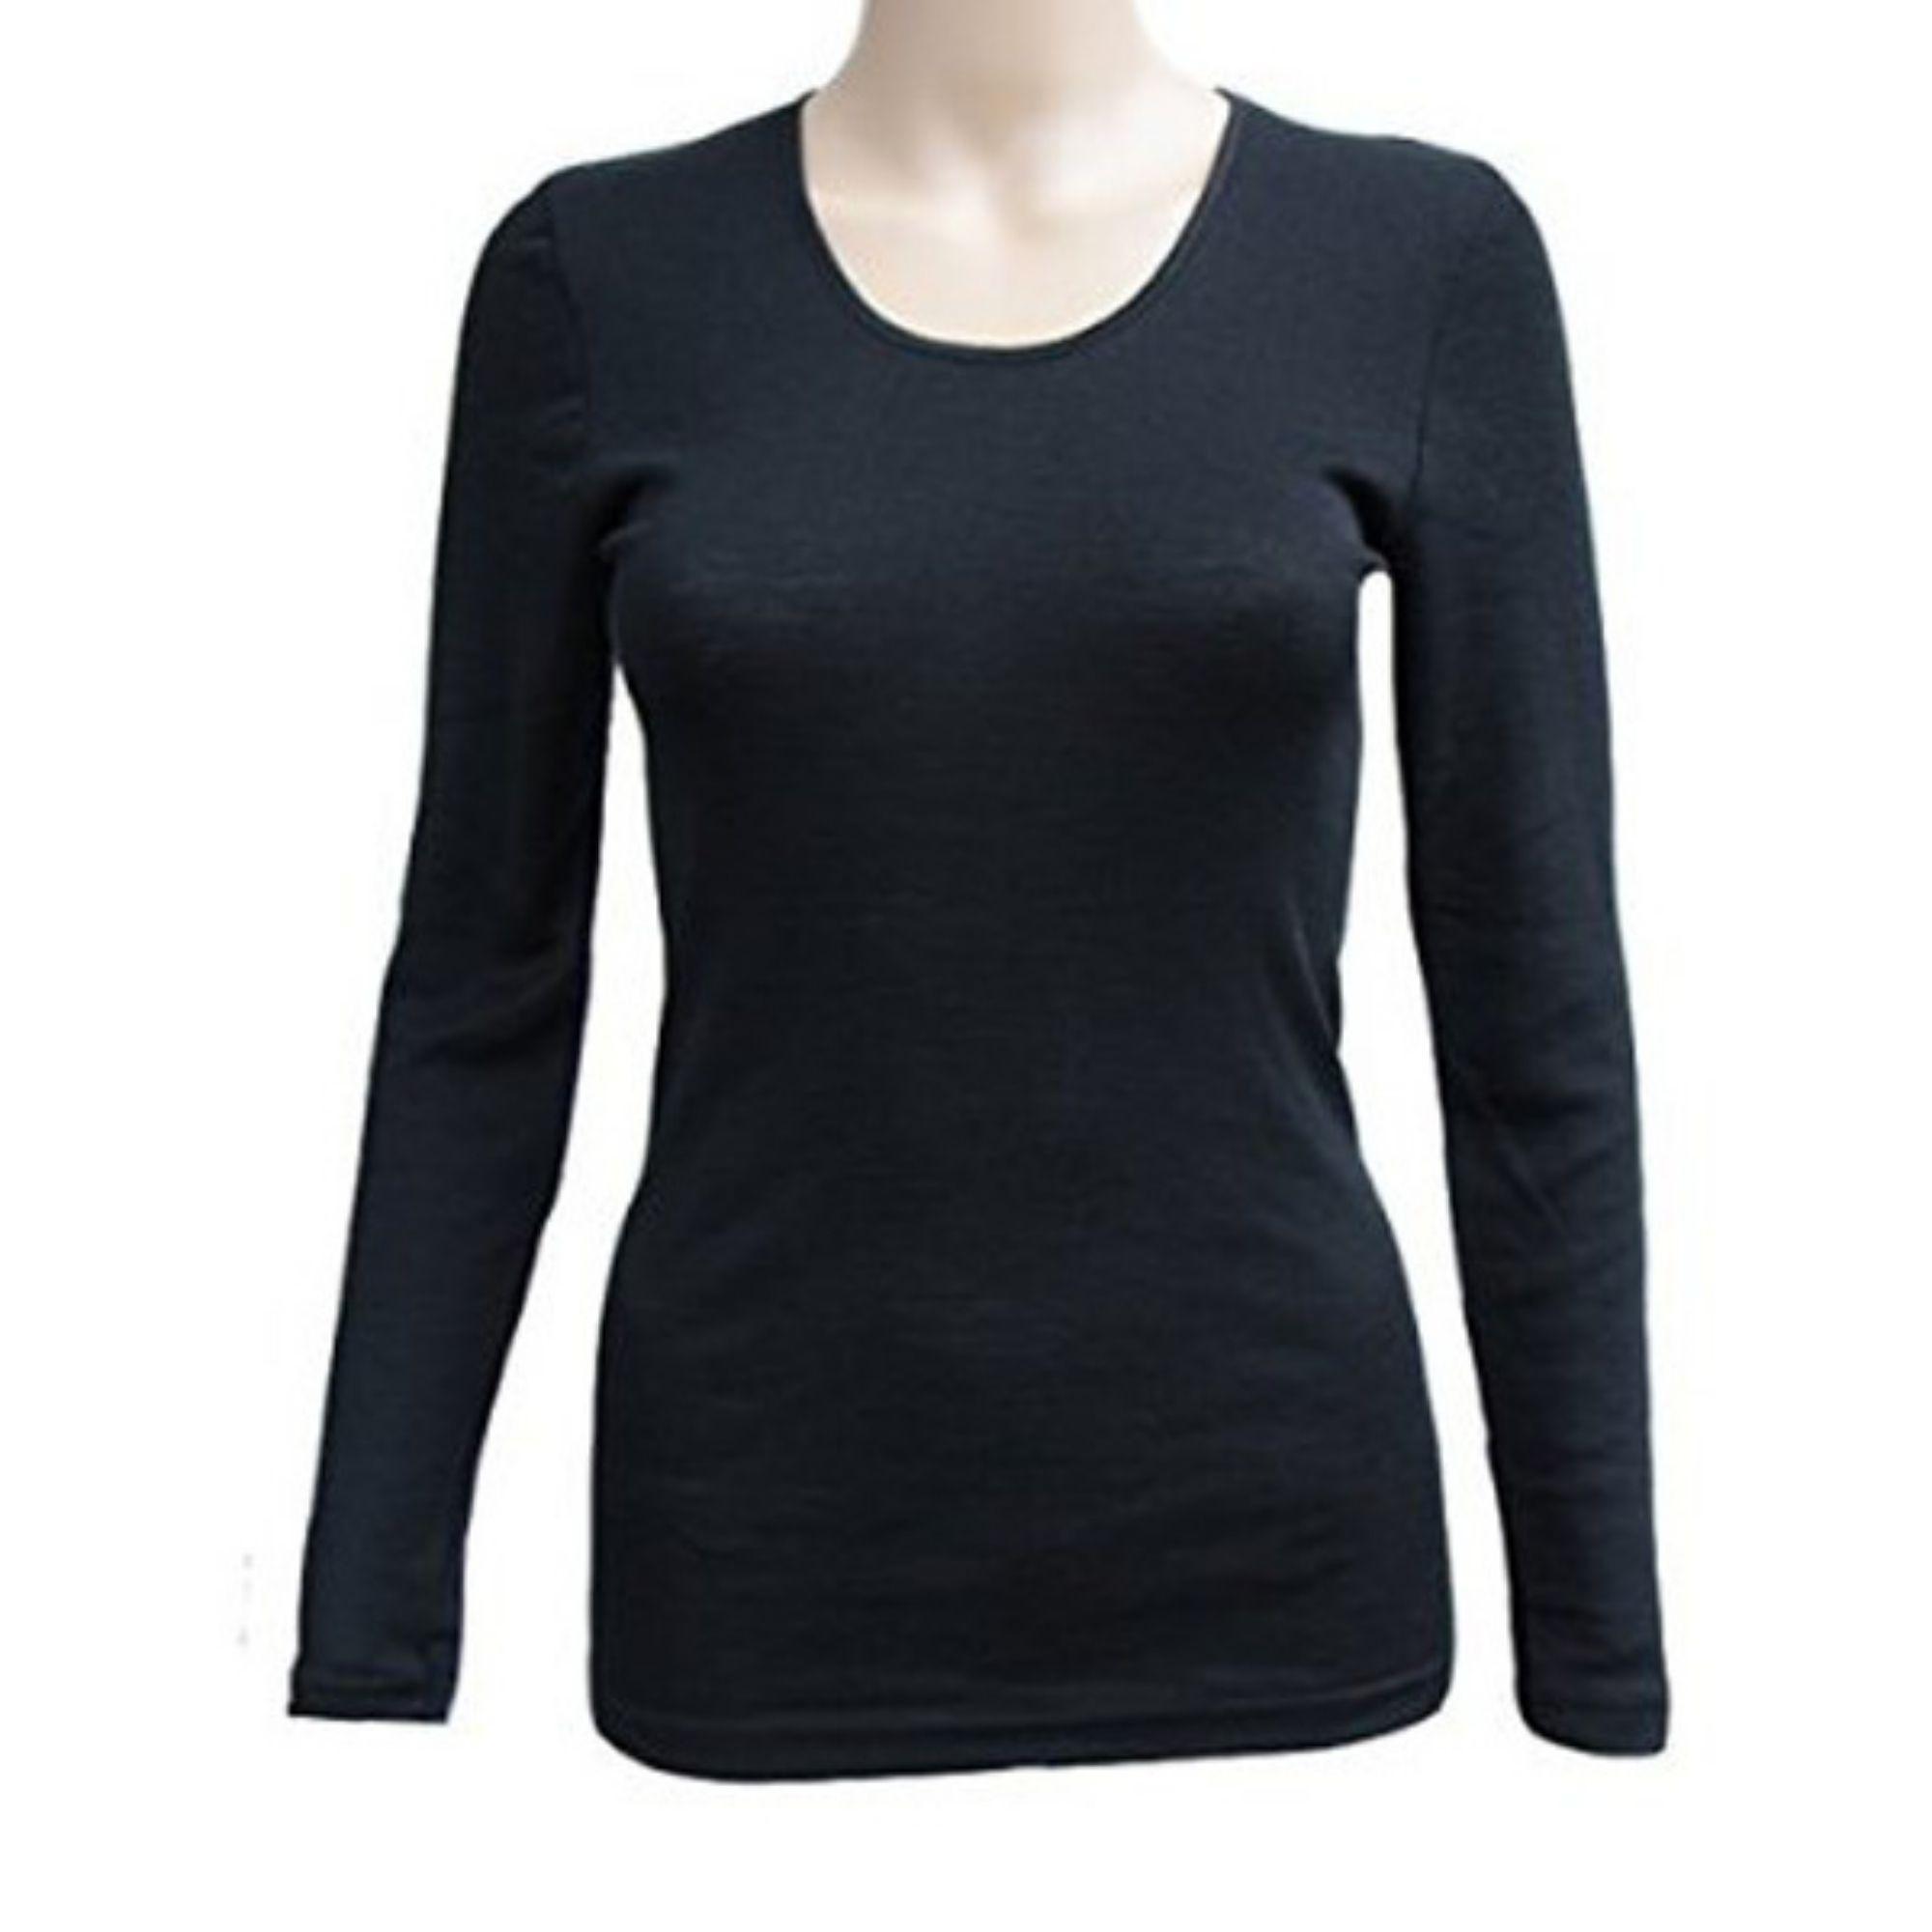 COSILANA - T-shirt à manches courtes pour Femme - 70% laine/ 30% soie, Noir